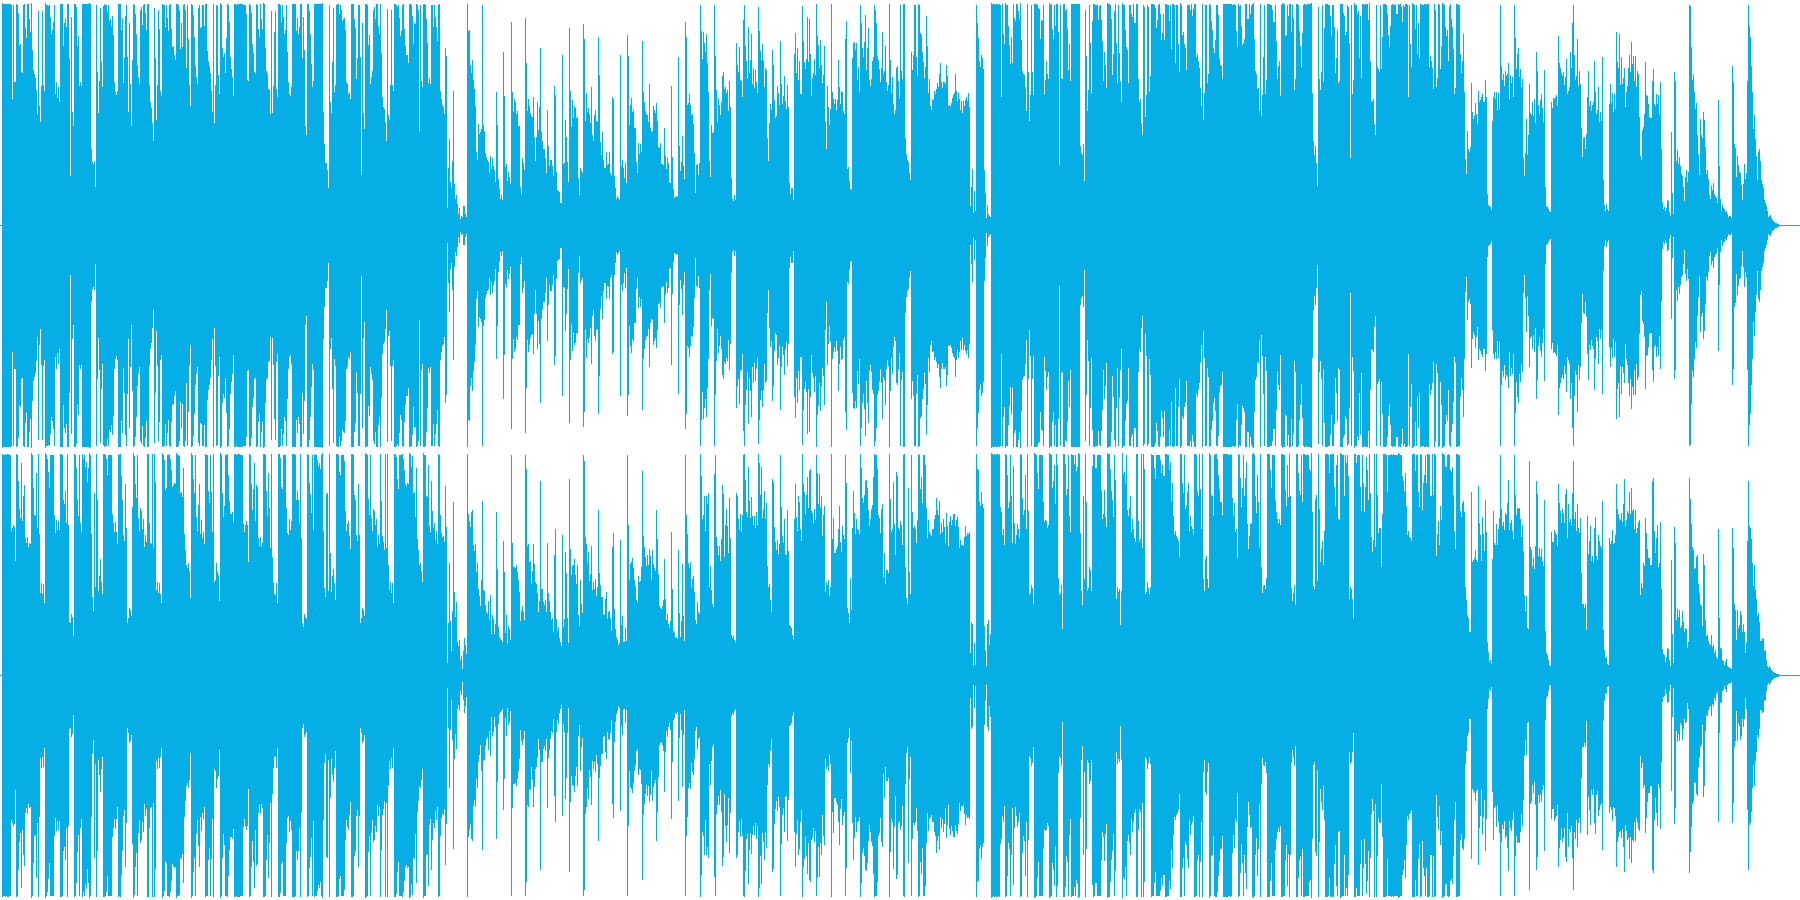 不思議で儀式的なイメージの楽曲の再生済みの波形